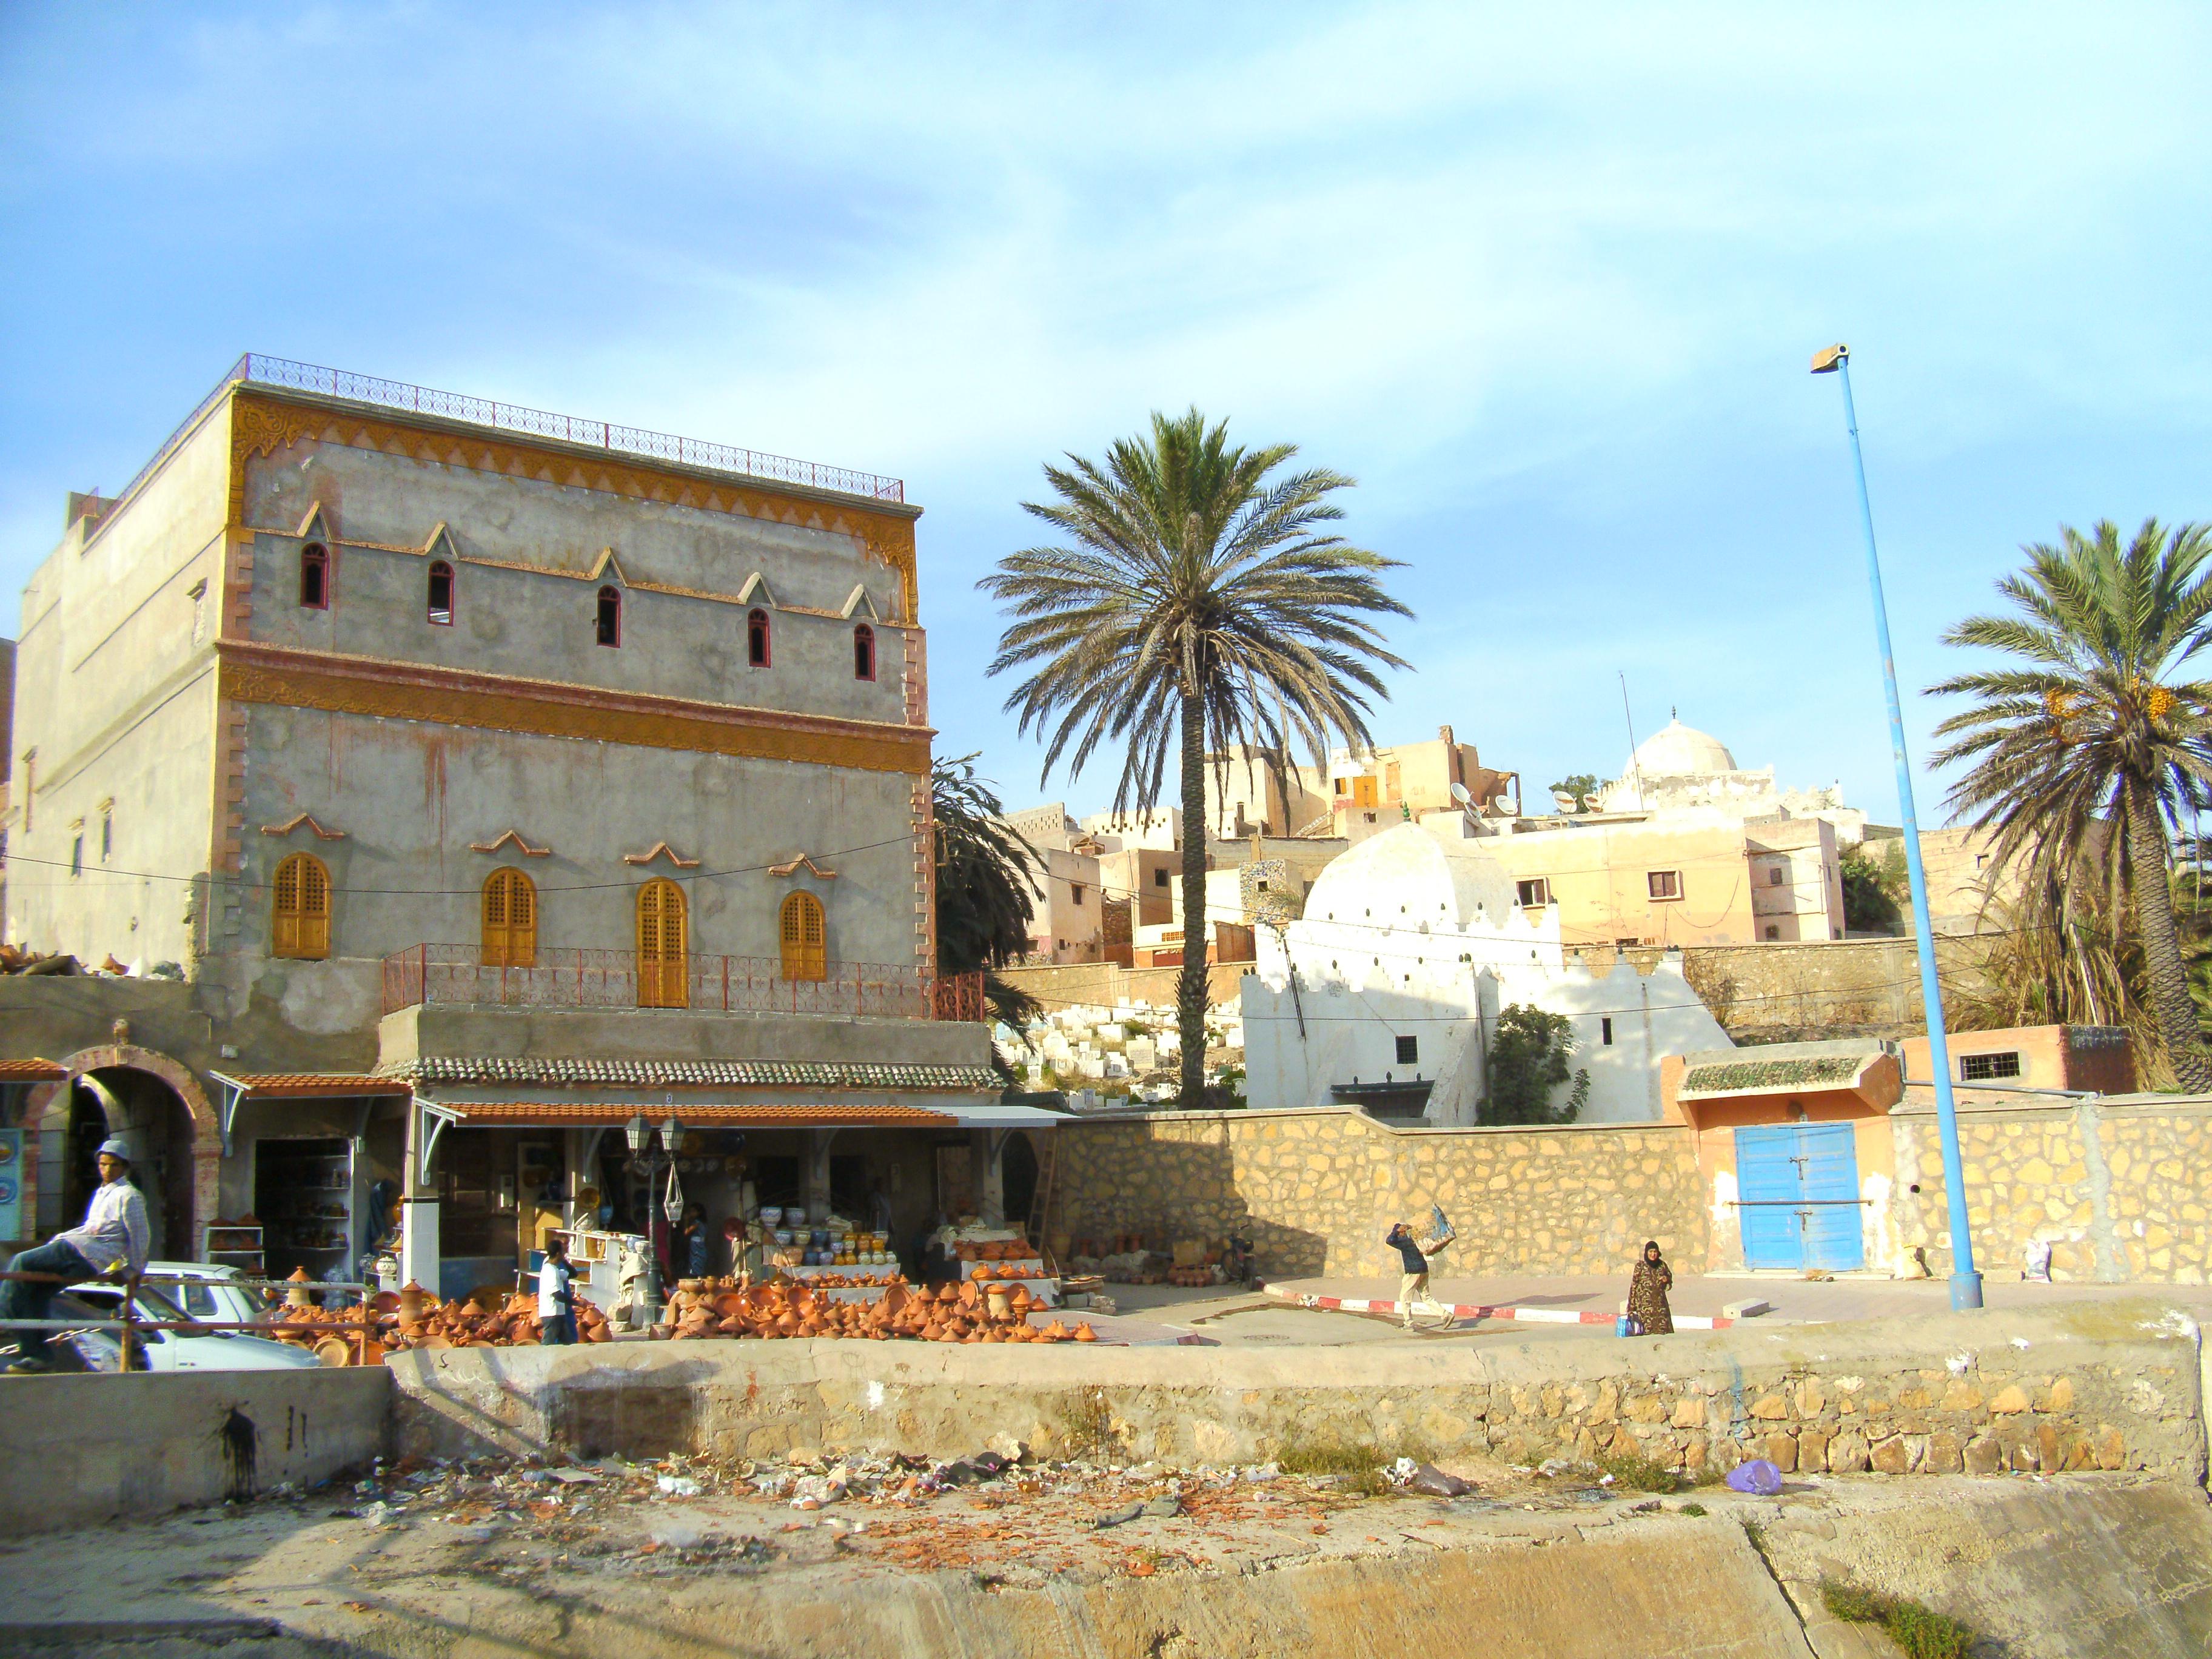 Potts in Safi, Morocco